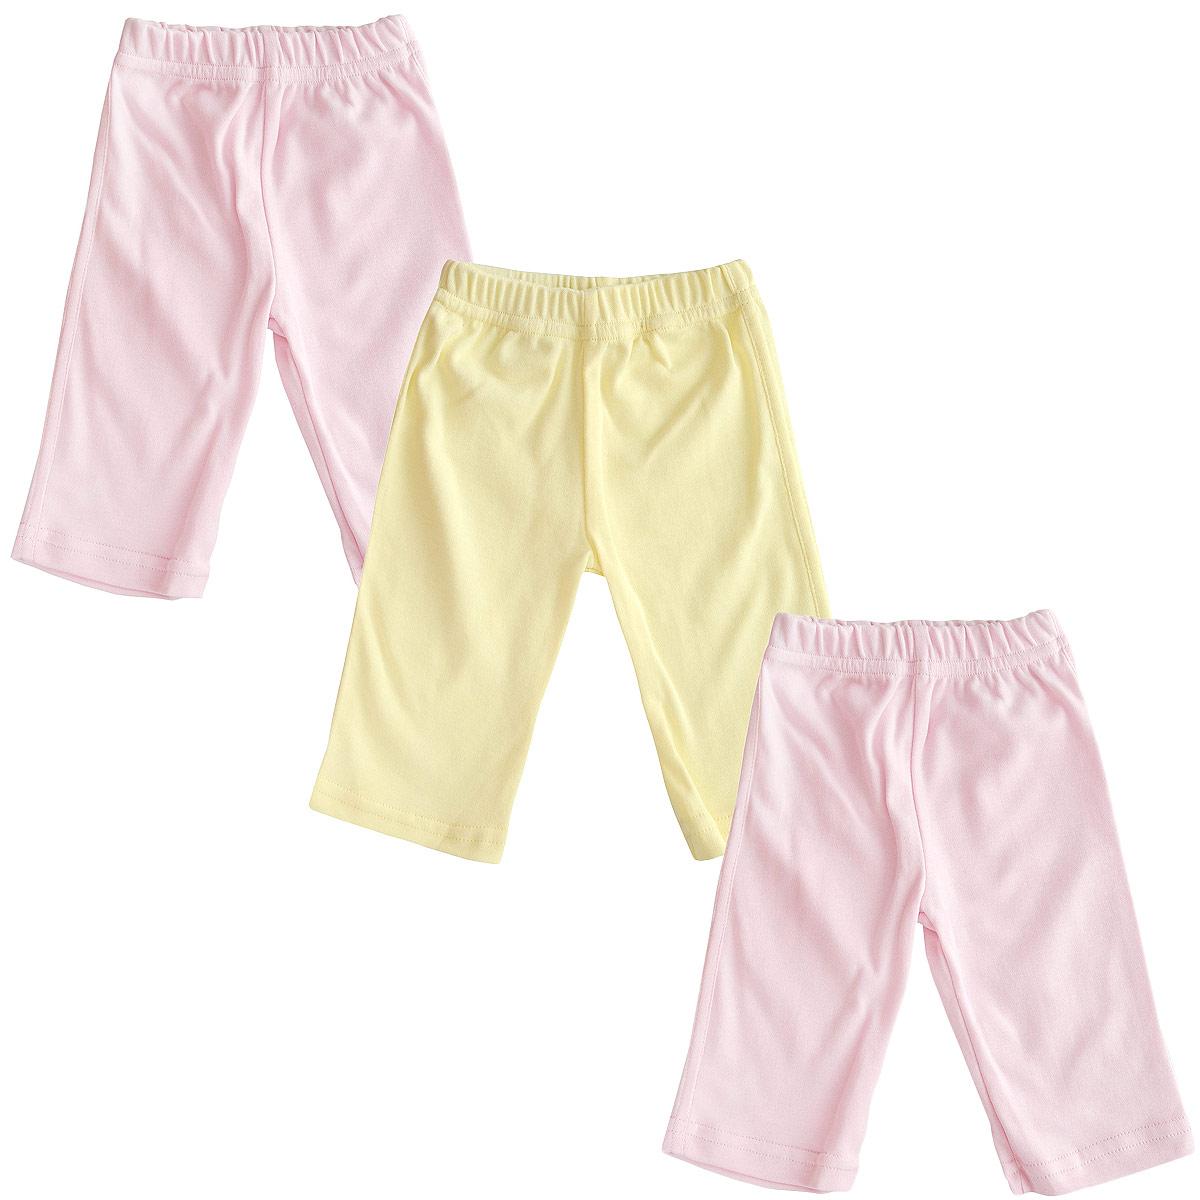 Штанишки для девочки, 3 шт. 37-560д37-560дКомплект Фреш Стайл состоит из трех штанишек для девочки. Штанишки послужат идеальным дополнением к гардеробу малышки, обеспечивая ей наибольший комфорт. Изготовленные из натурального хлопка, они необычайно мягкие и легкие, не раздражают нежную кожу ребенка и хорошо вентилируются, а эластичные швы приятны телу малышки и не препятствуют ее движениям. Штанишки дополнены мягкой резинкой, не сдавливающей животик ребенка. Штанишки очень удобный и практичный вид одежды для малышей. Отлично сочетаются с футболками, кофточками и боди. В таких штанишках вашей малышке будет уютно и комфортно! УВАЖАЕМЫЕ КЛИЕНТЫ! Обращаем ваше внимание на тот факт, что товар поставляется в цветовом ассортименте. Поставка осуществляется в зависимости от наличия на складе.